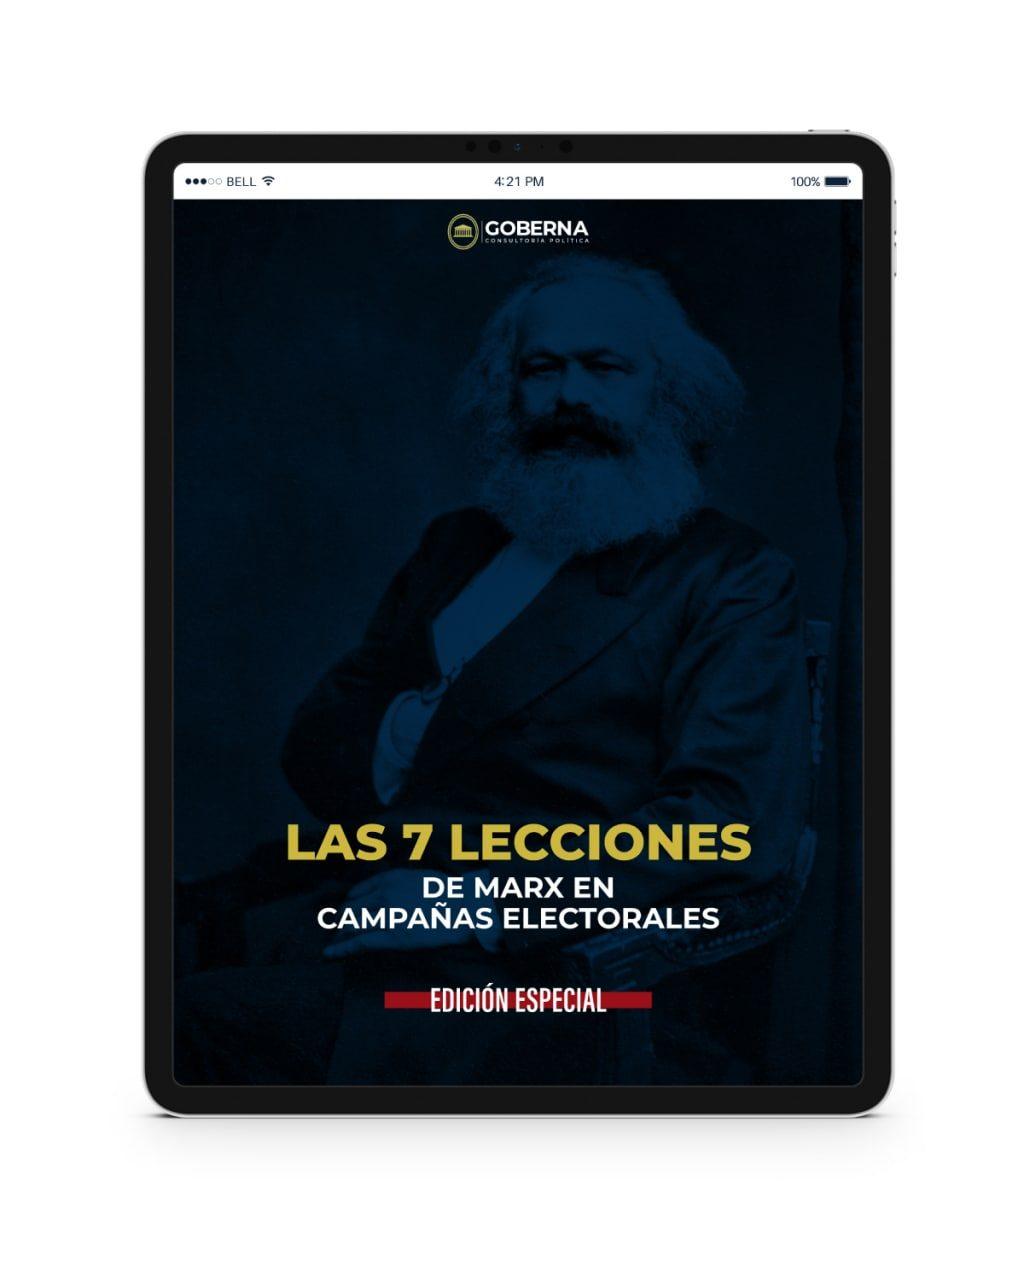 Las 7 Lecciones de Marx en Campaña Electorales